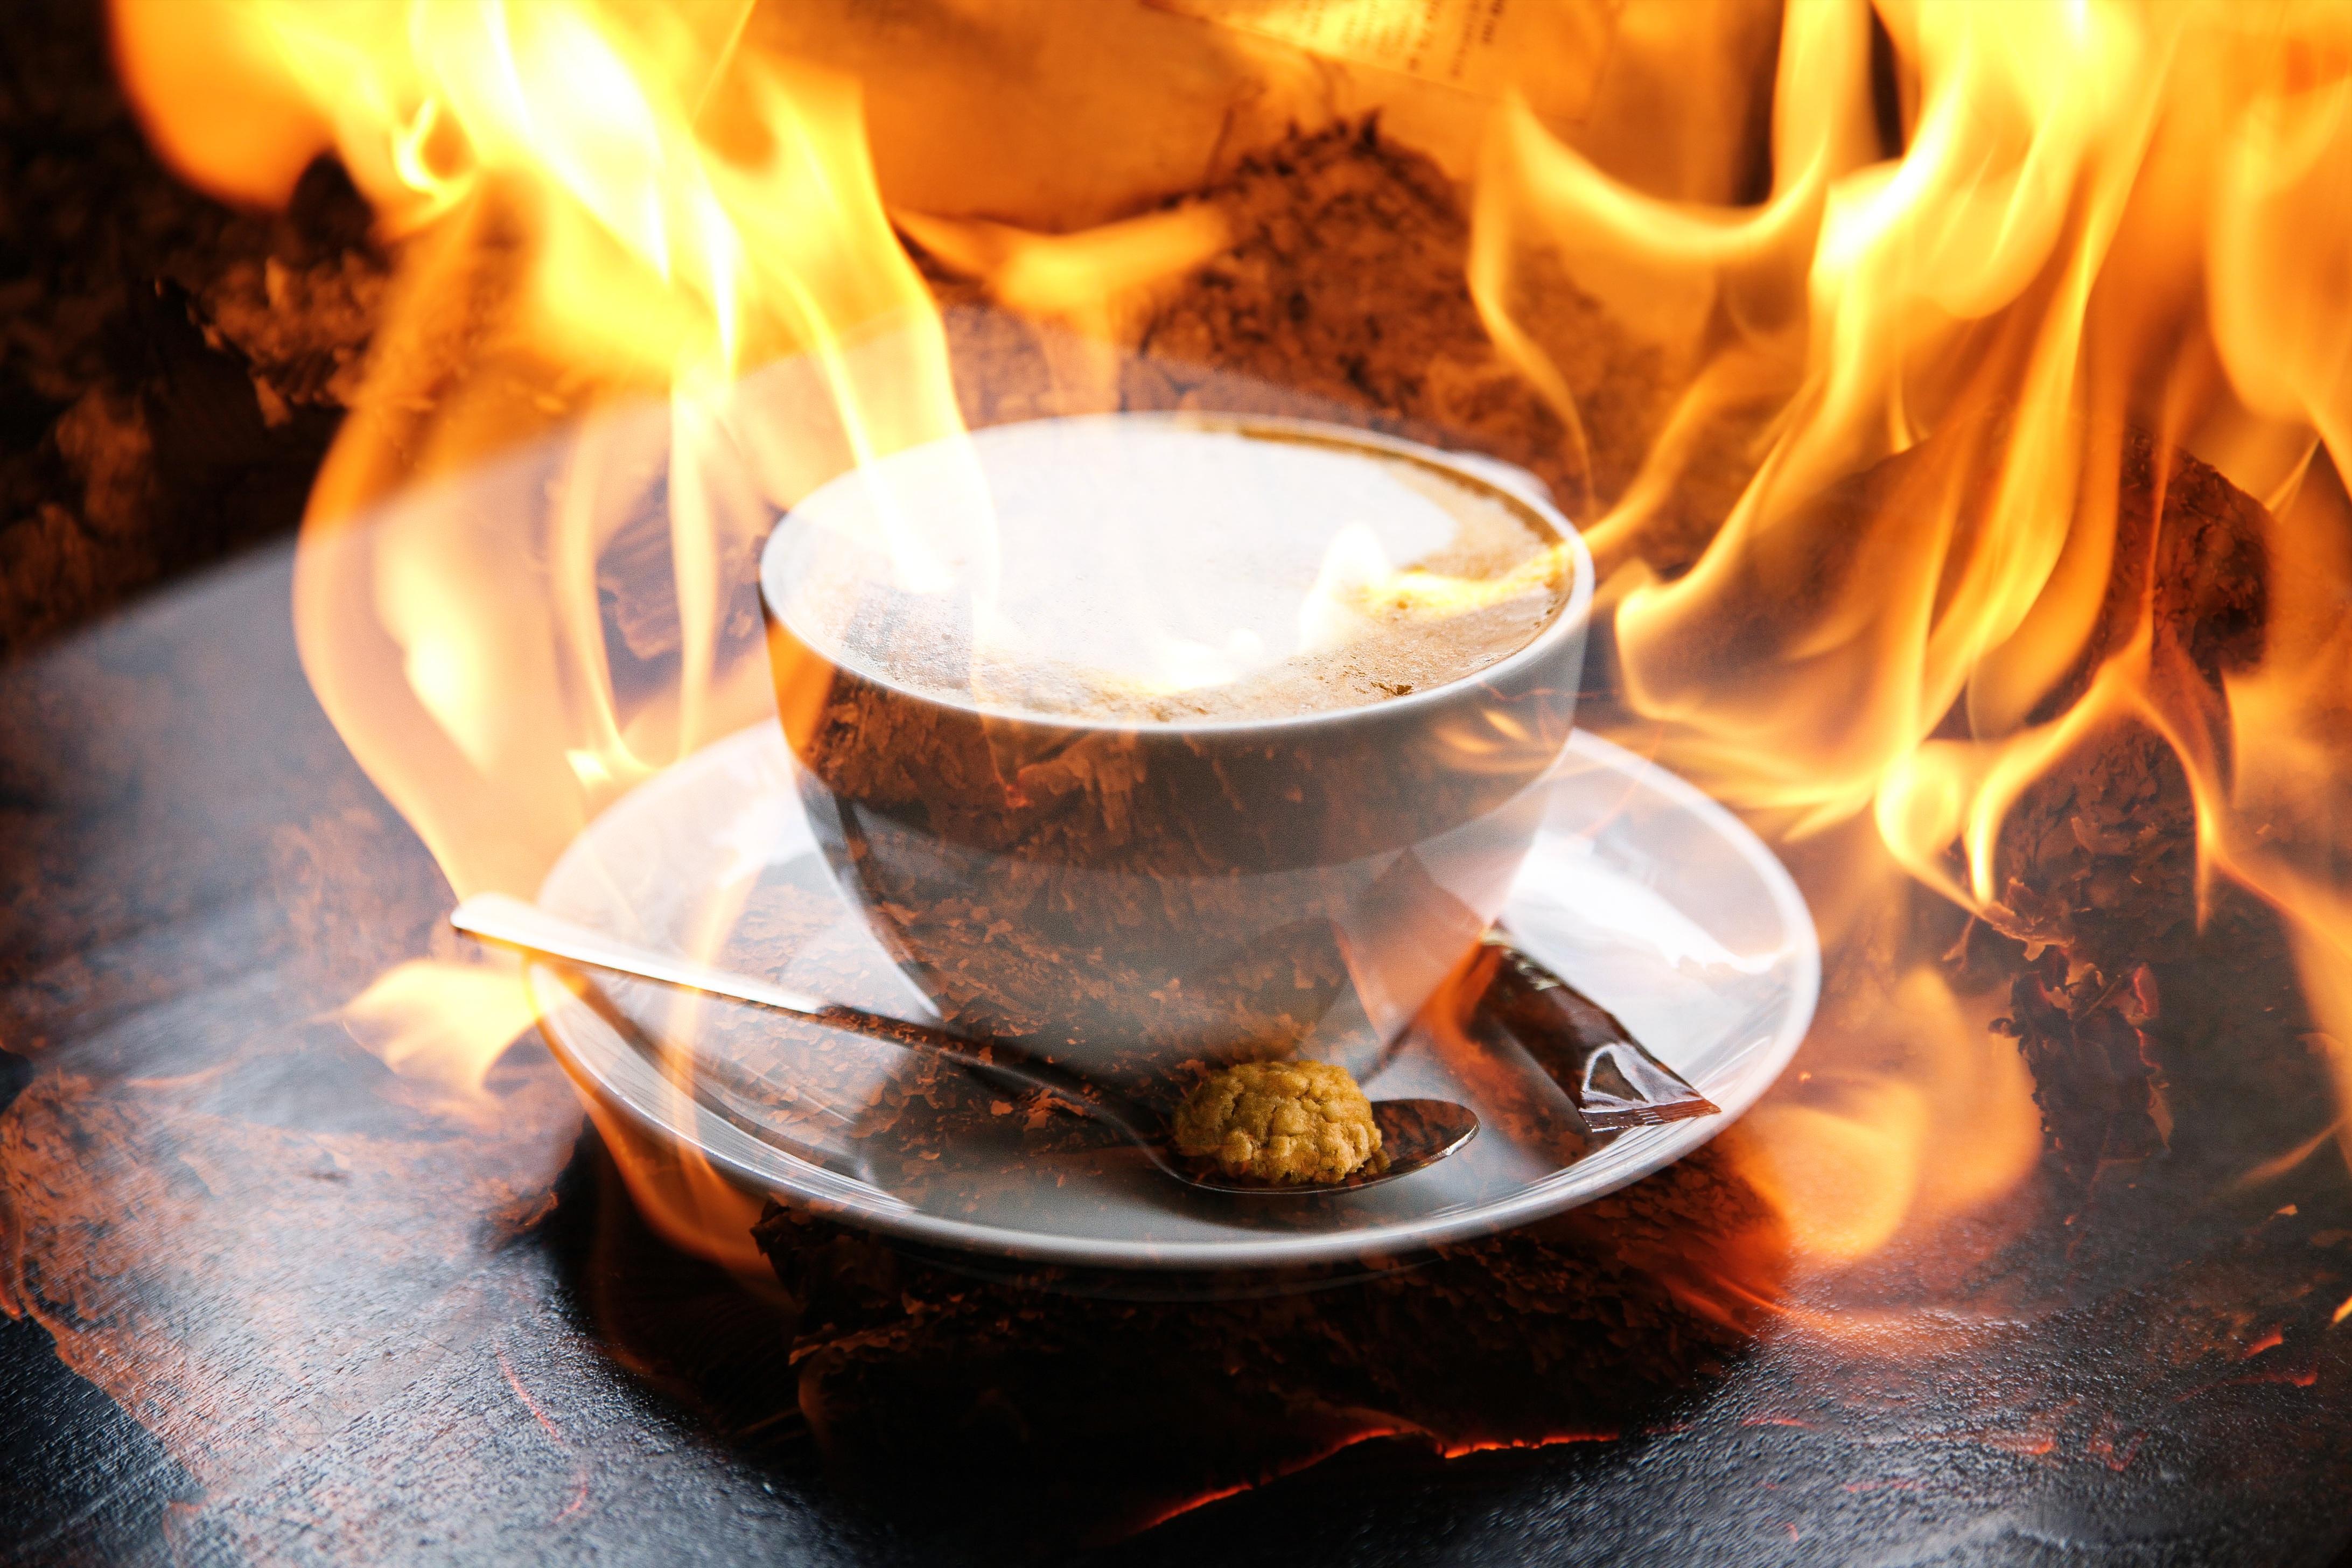 Molto Immagini Belle : tè, mattina, cioccolata calda, cappuccino, fiamma  TX08